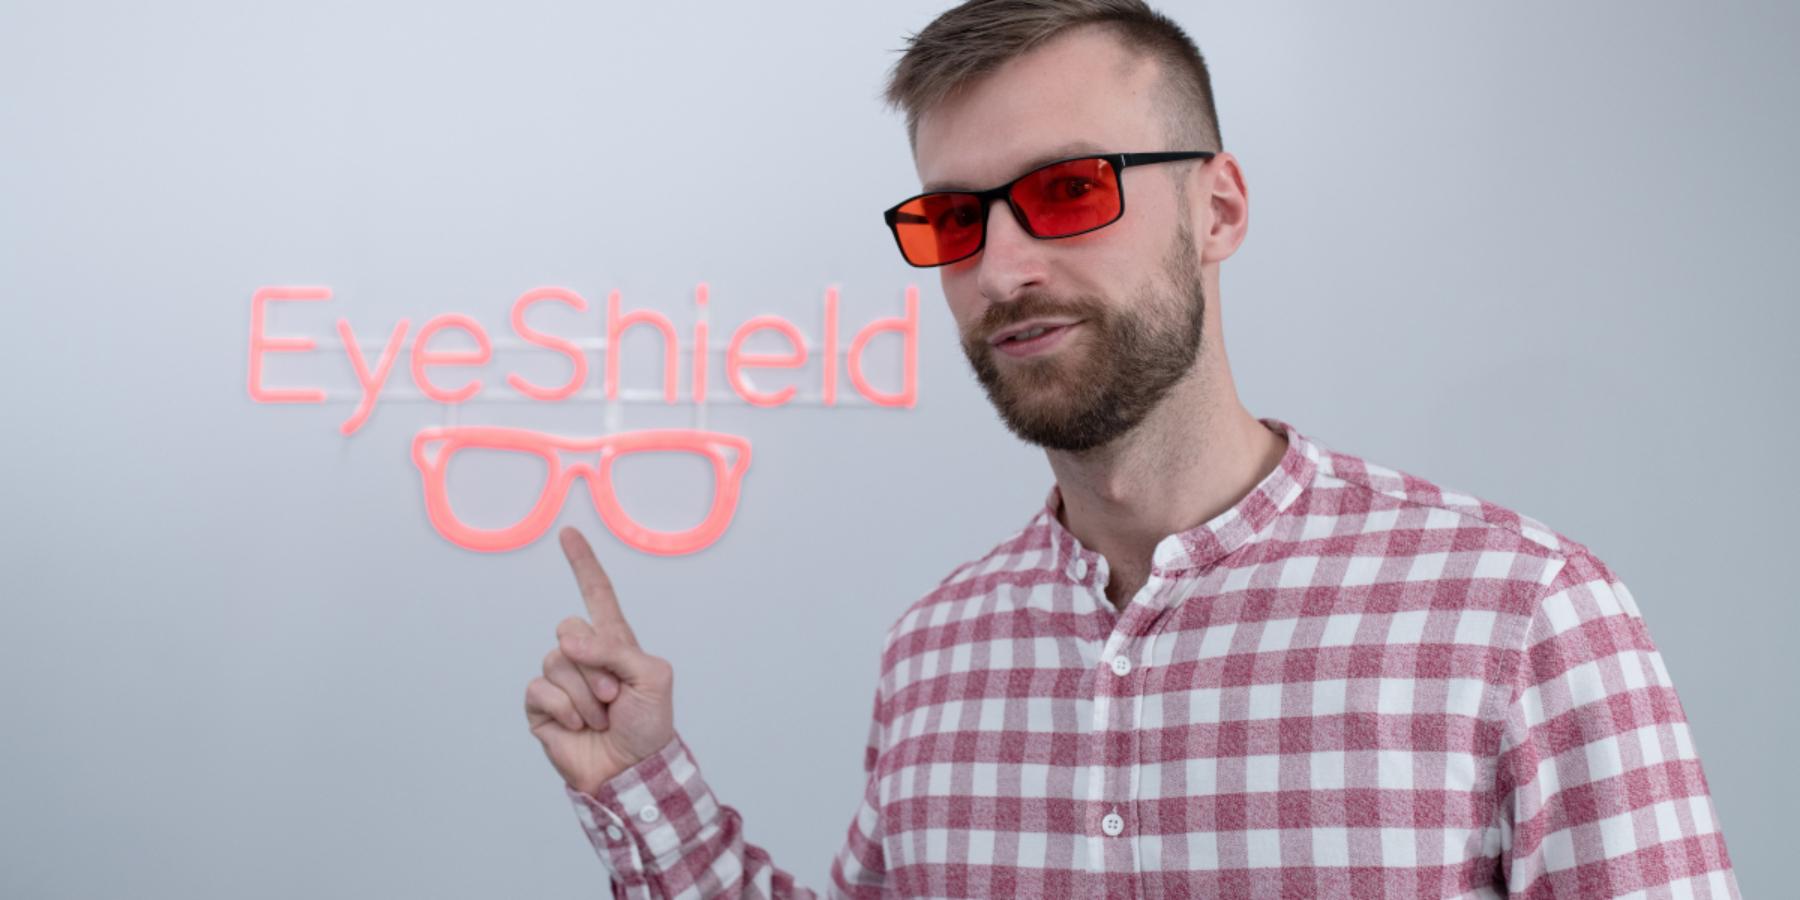 Stworzył okulary, które poprawią Twoją regenerację. Rozmawiamy zSebastianem Kilichowskim oEyeShield